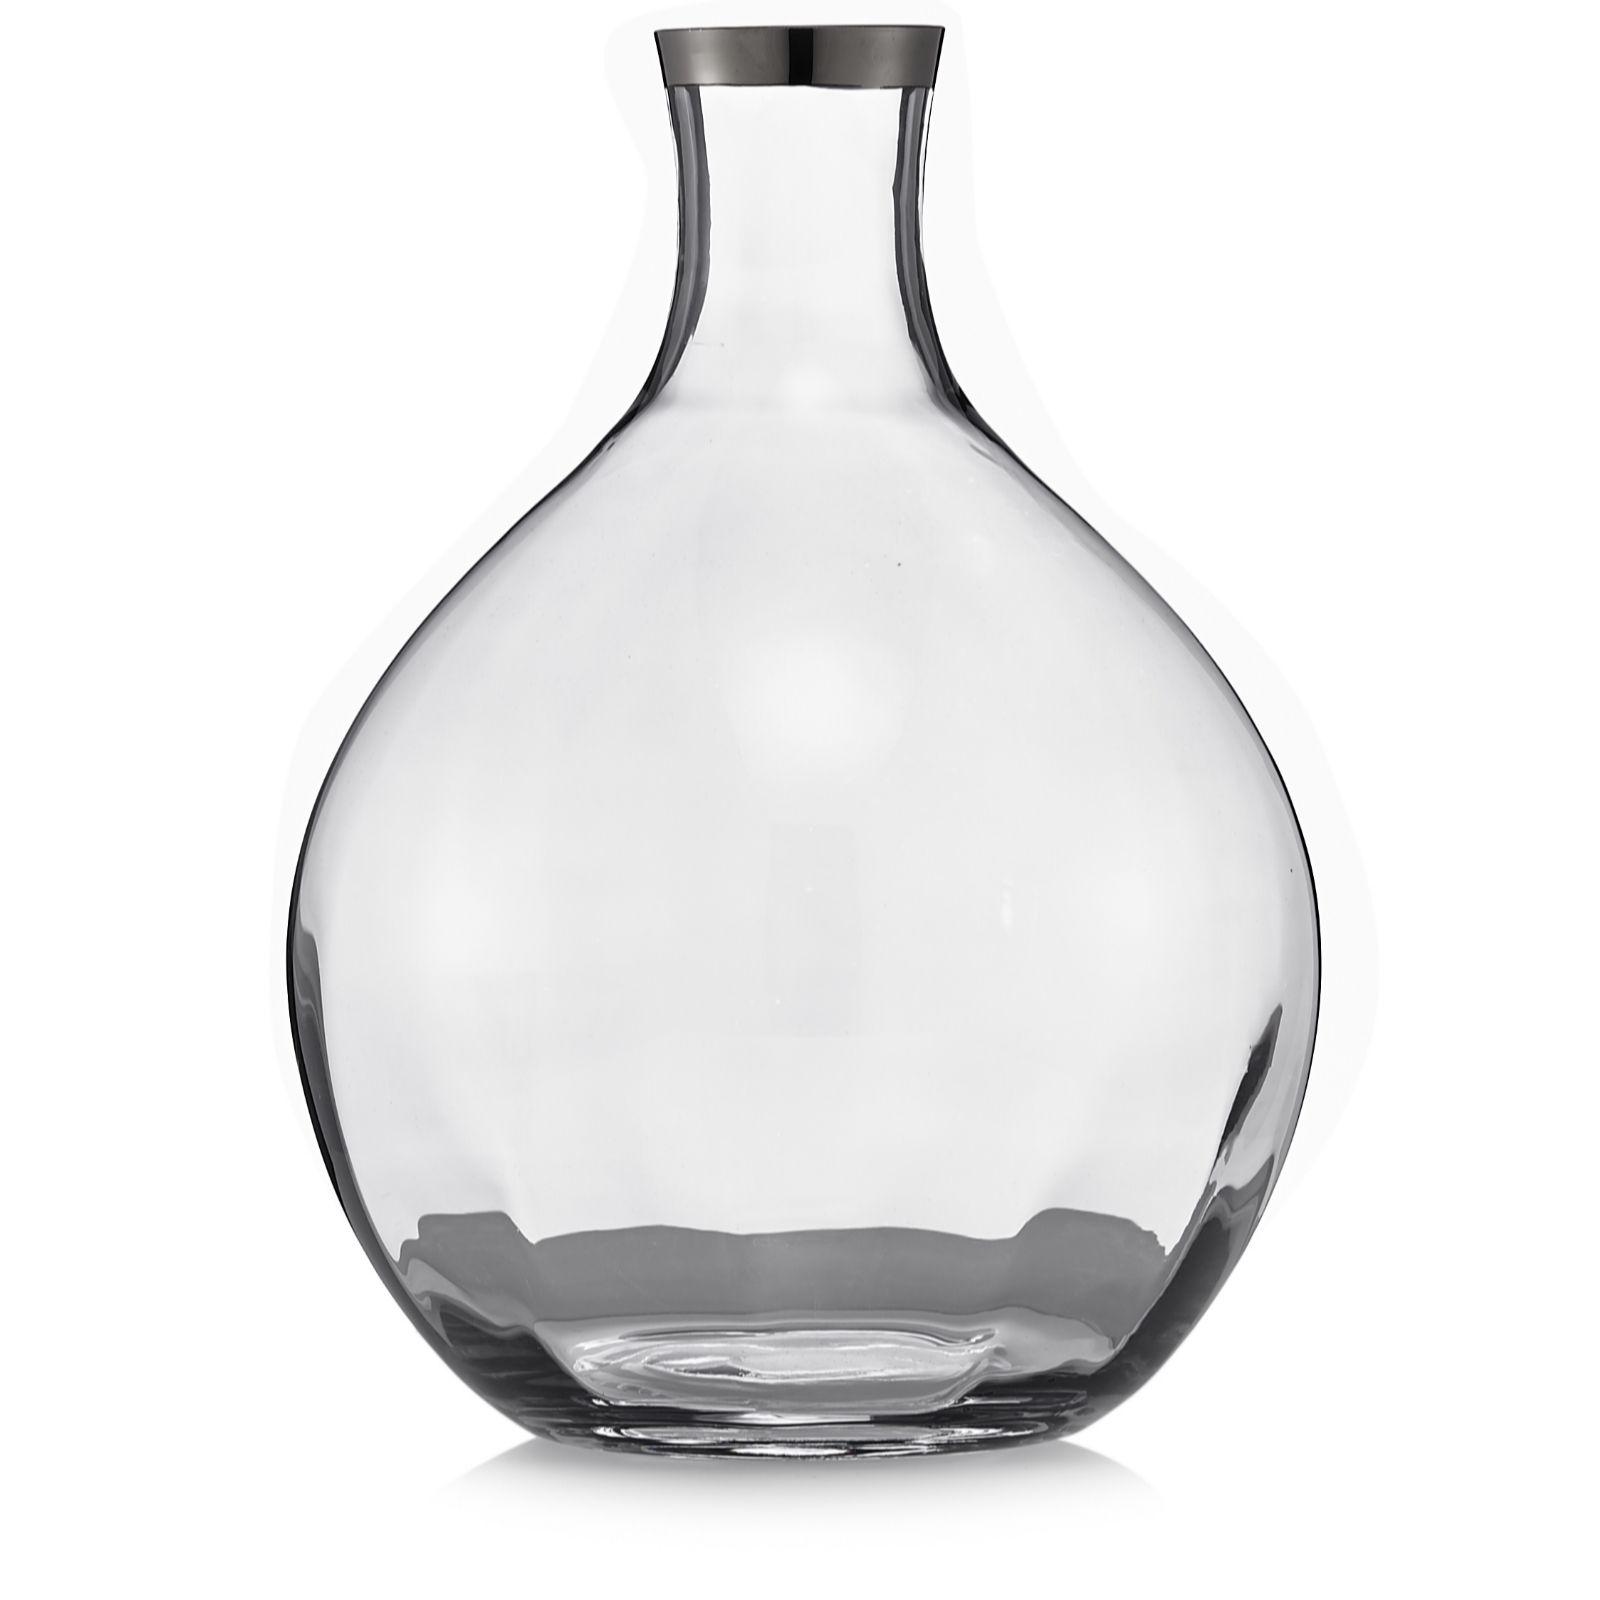 Kelly hoppen lustre glass bottle vase qvc uk reviewsmspy